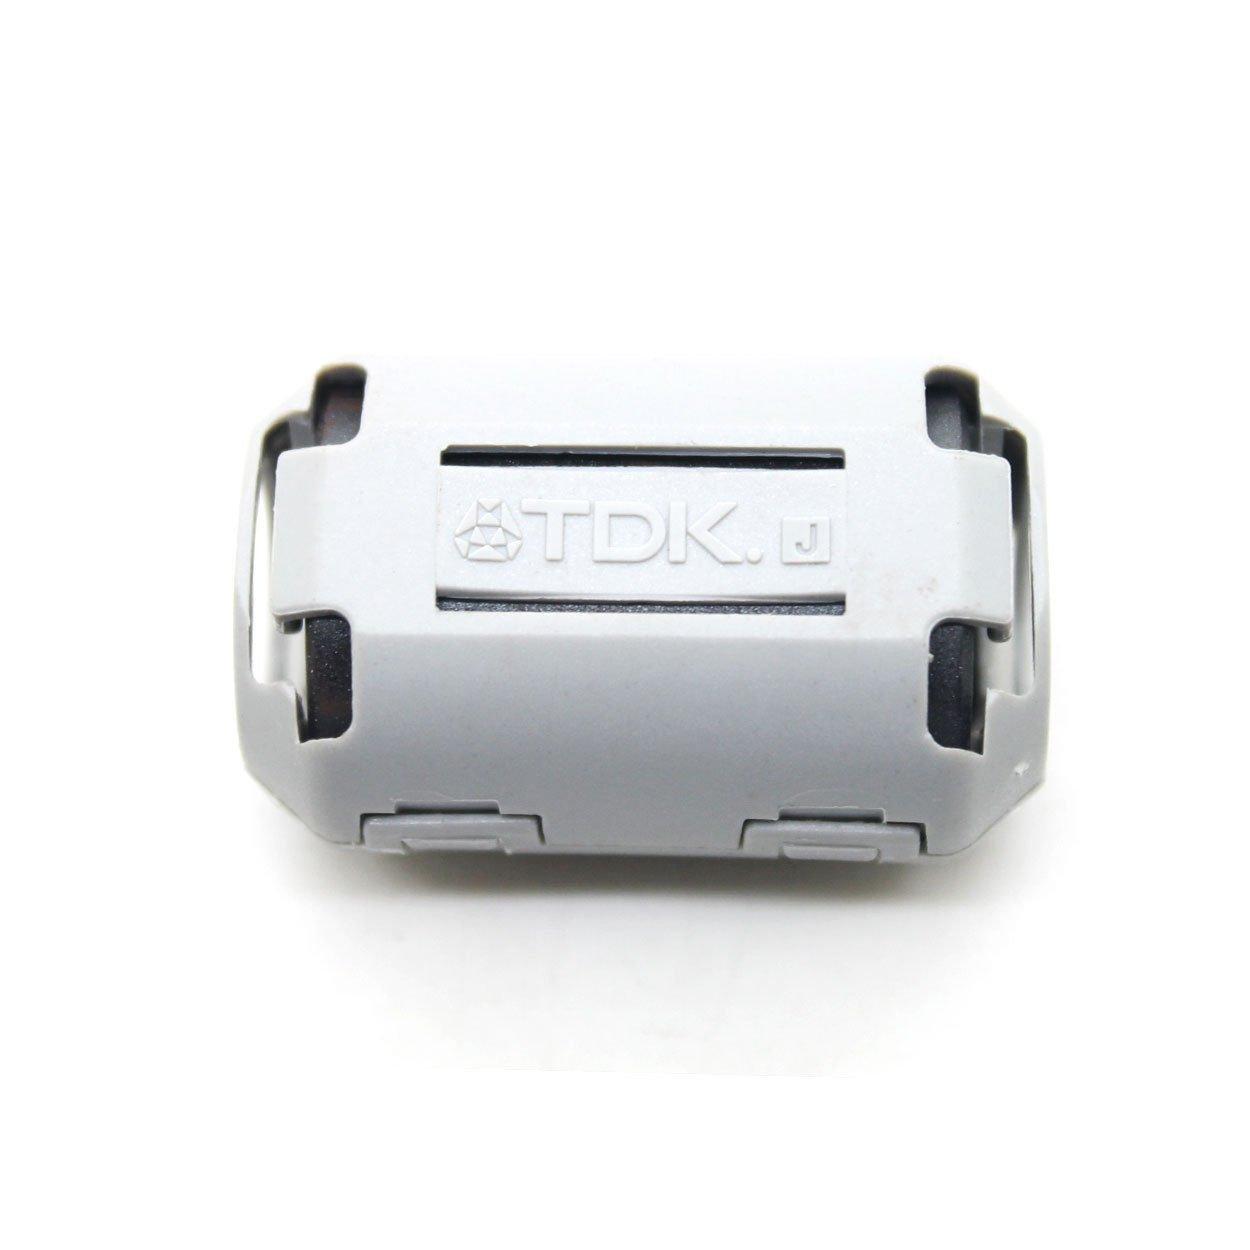 5pcs TDK Φ5mm Cable Clamp Clip Noise Filters Ferrite Core Case